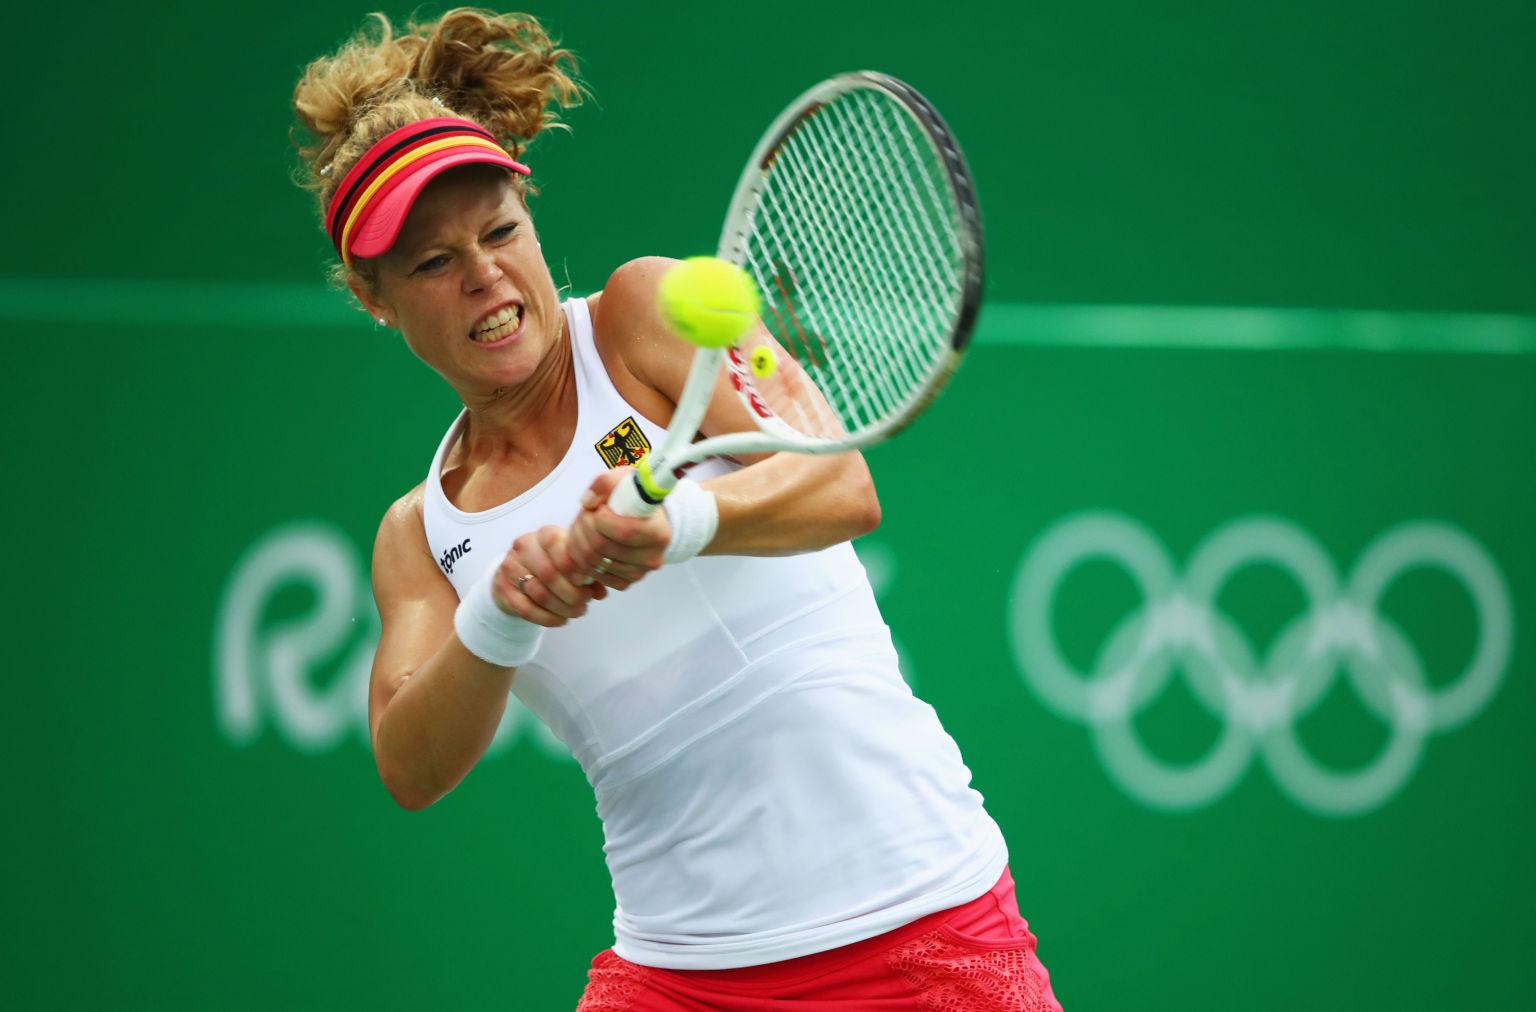 Laura Siegemund war die Überraschung. Sie scheiterte erst im Viertelfinale an der späteren Siegerin Monica Puig.